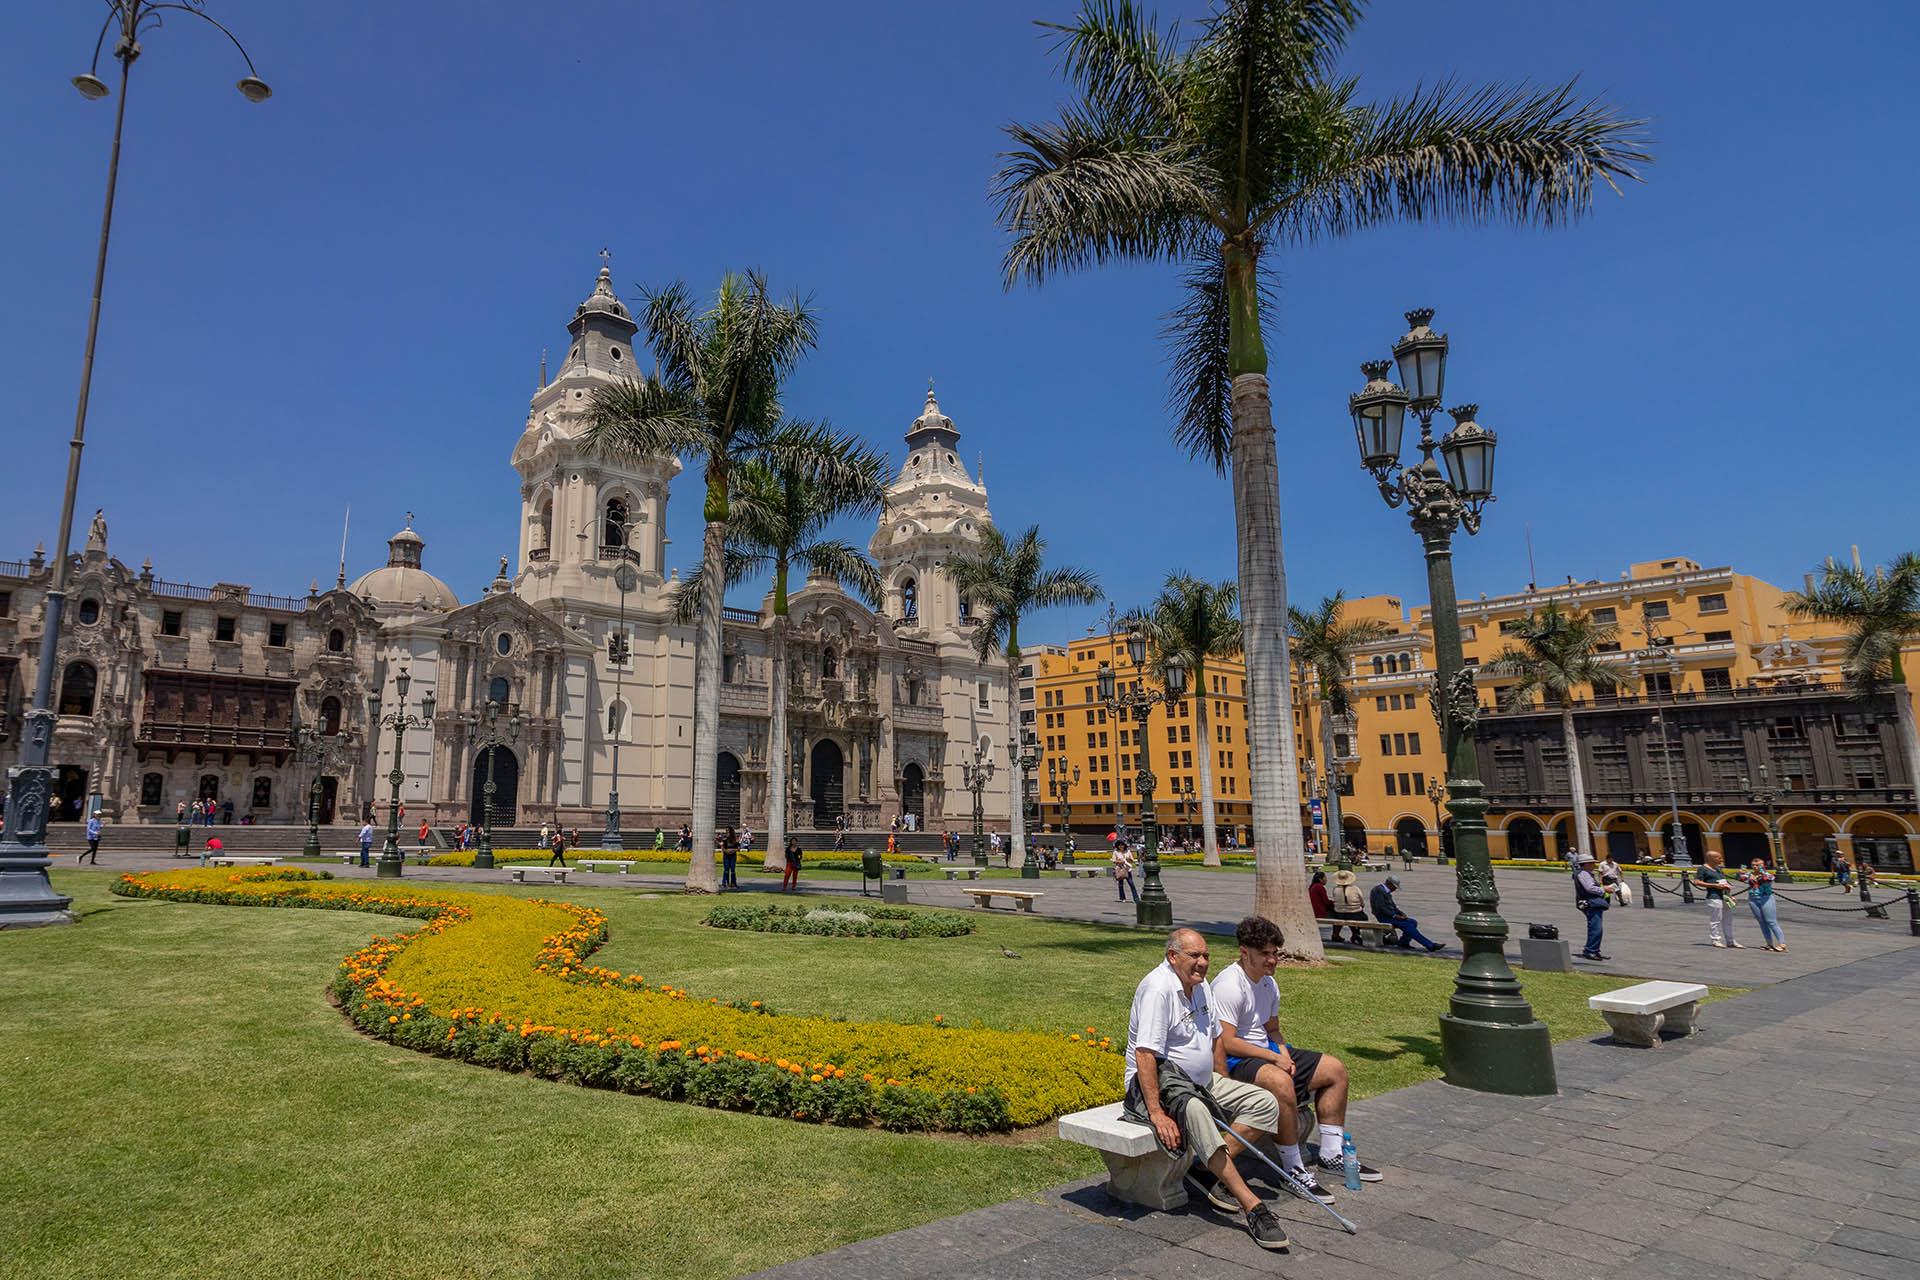 Plaza de Armas in het oude centrum van Lima, met palmbomen en de kathedraal.